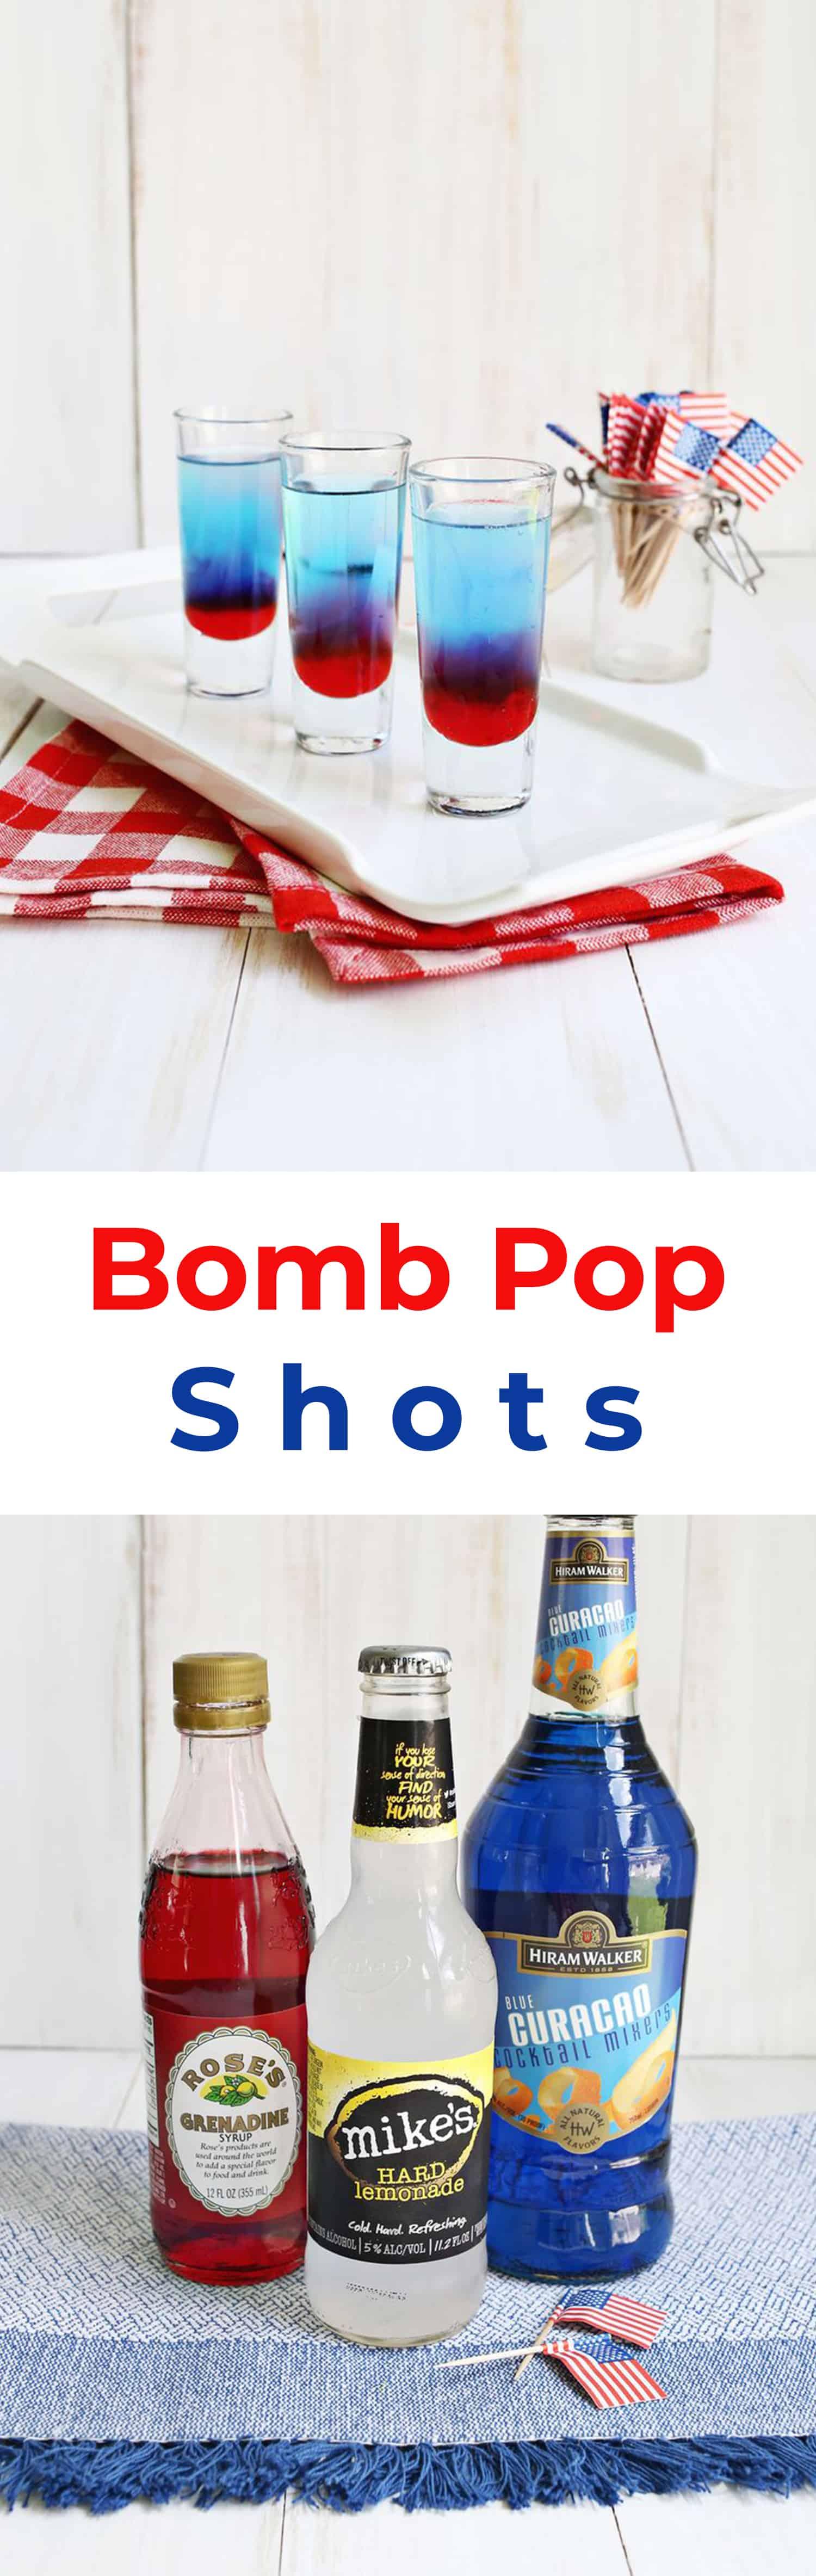 Bomben-Pop-Schüsse